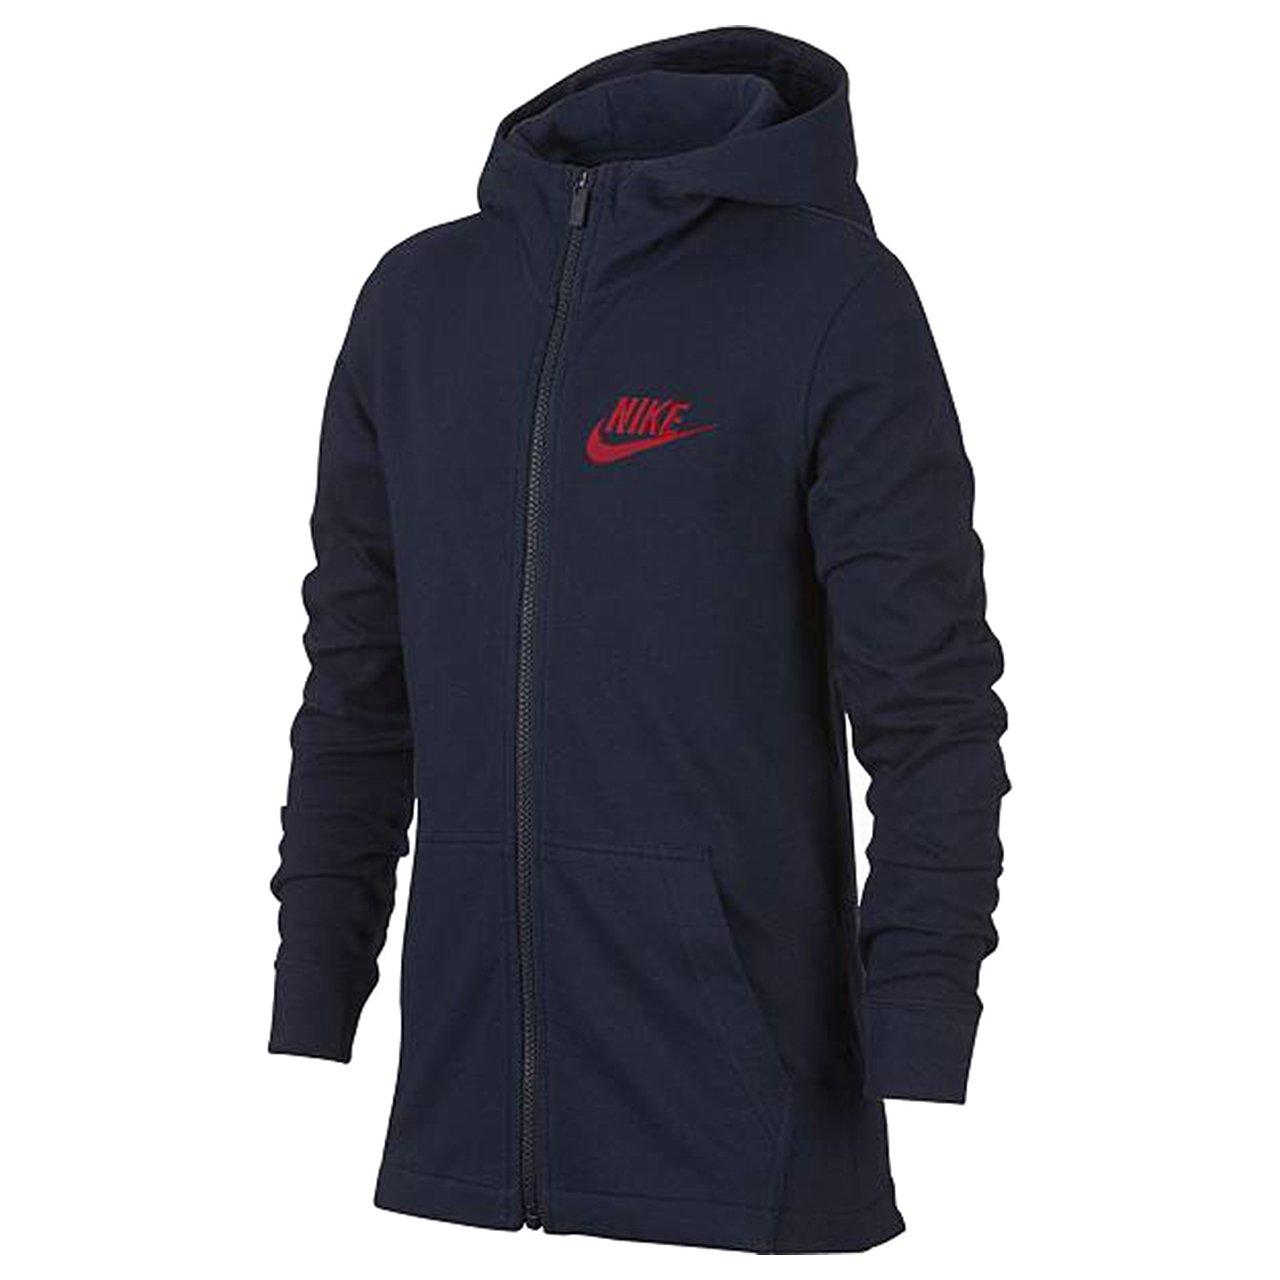 NIKE Big Kids' (Boys') Full Zip Sportswear Hoodie Navy AA6628 451 (m)